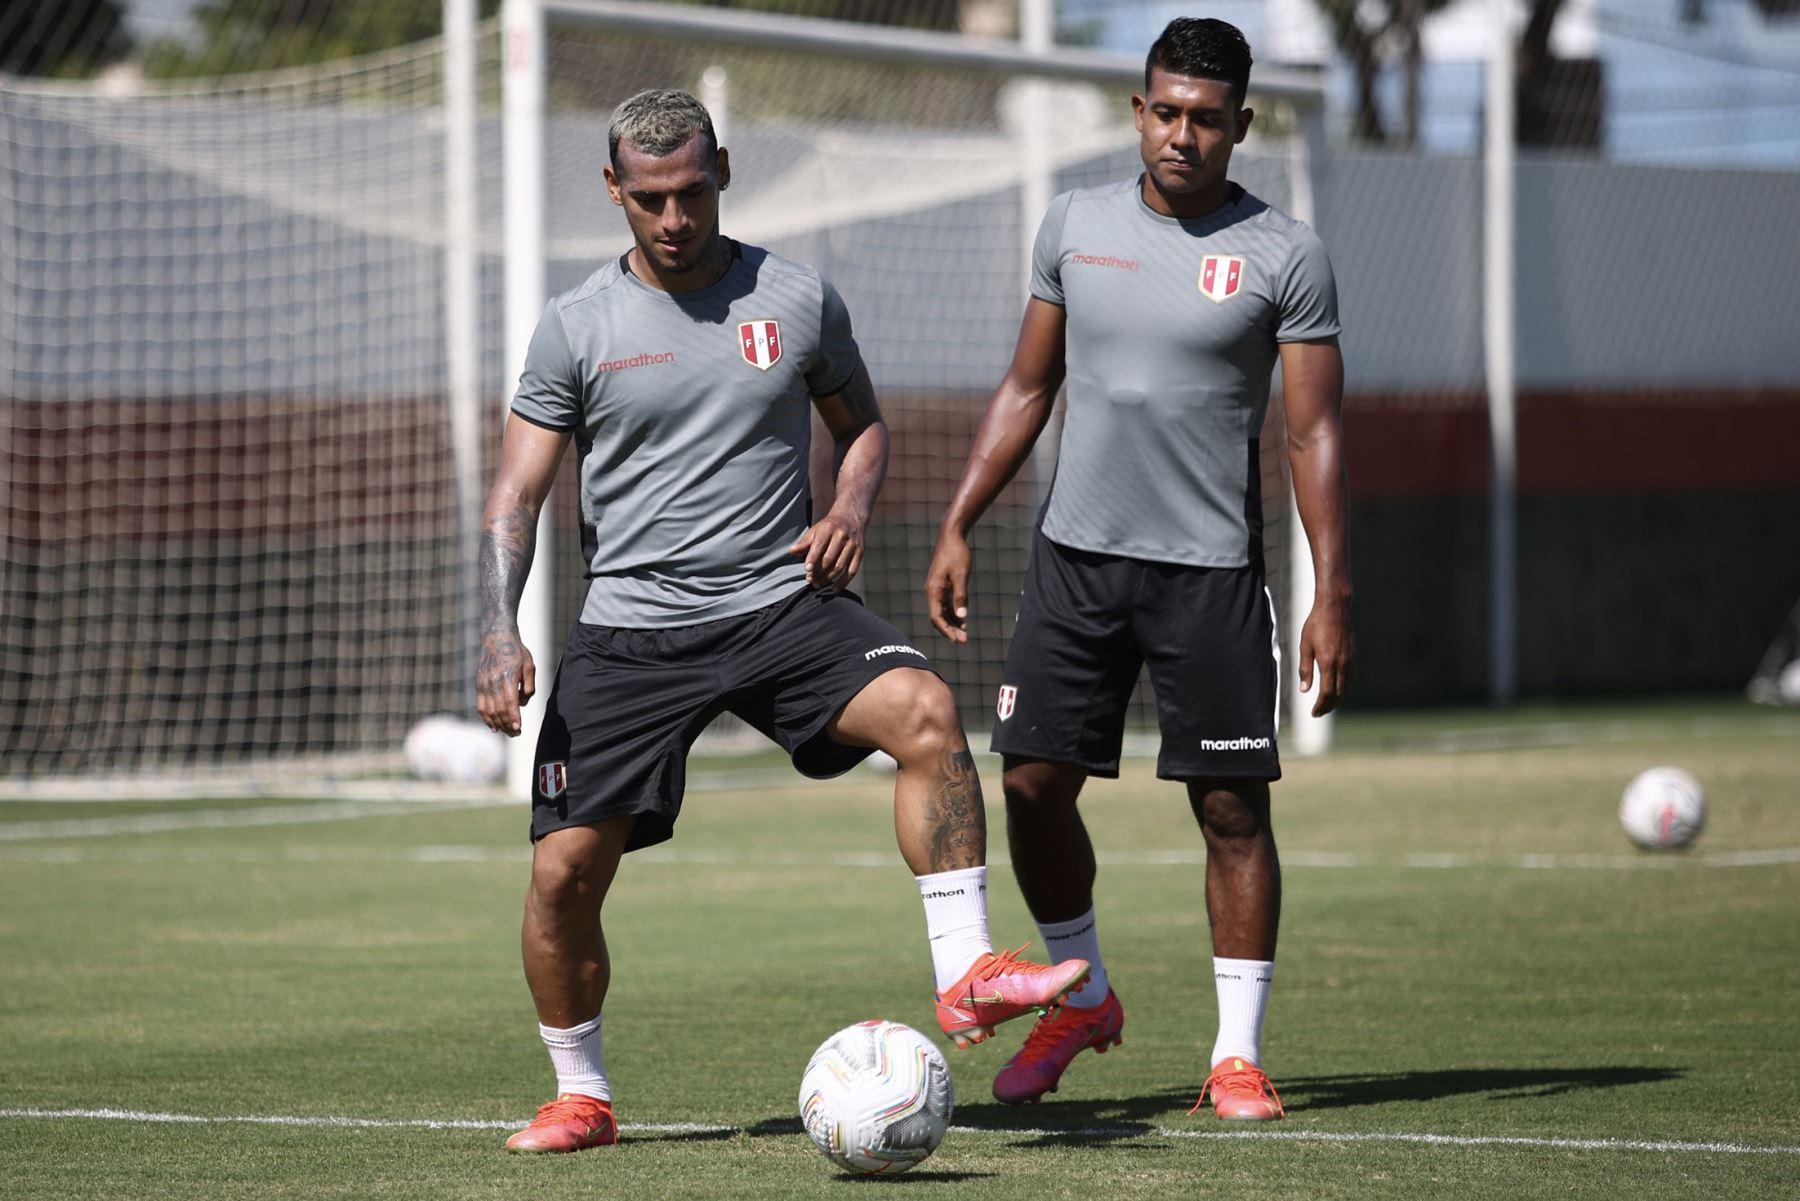 A un día del duelo ante Ecuador, la selección peruana continuó con su preparación en el campo de entrenamiento del Atlético Goianense con la mira puesta en afrontar su tercer encuentro en esta Copa América 2021. En la imagen Miguel Trauco. Foto: Selección Peruana